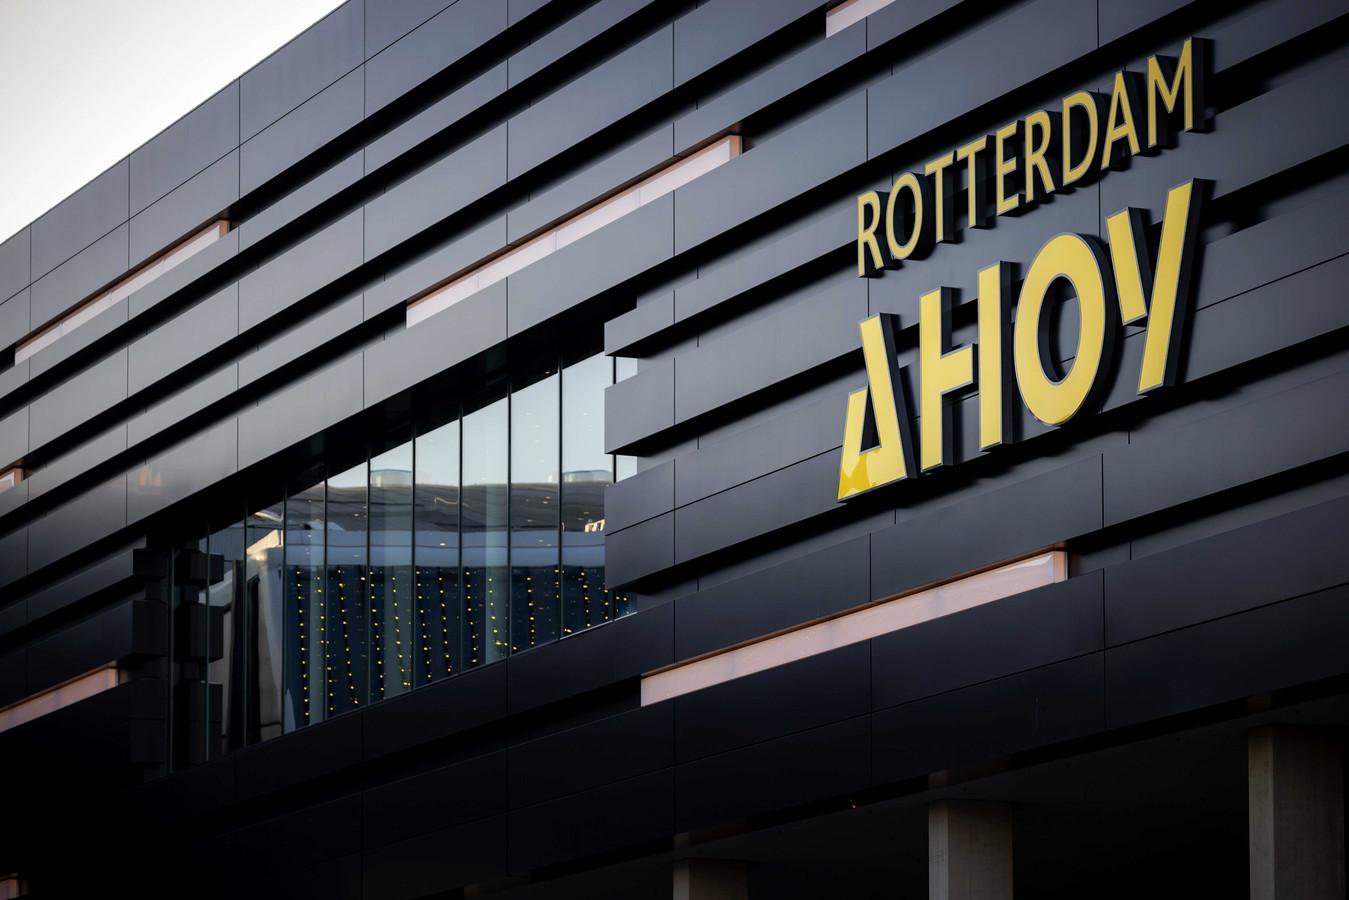 Het nieuwe congrescentrum van Ahoy telt 35 zalen, als die opengaan is er veel extra personeel nodig.